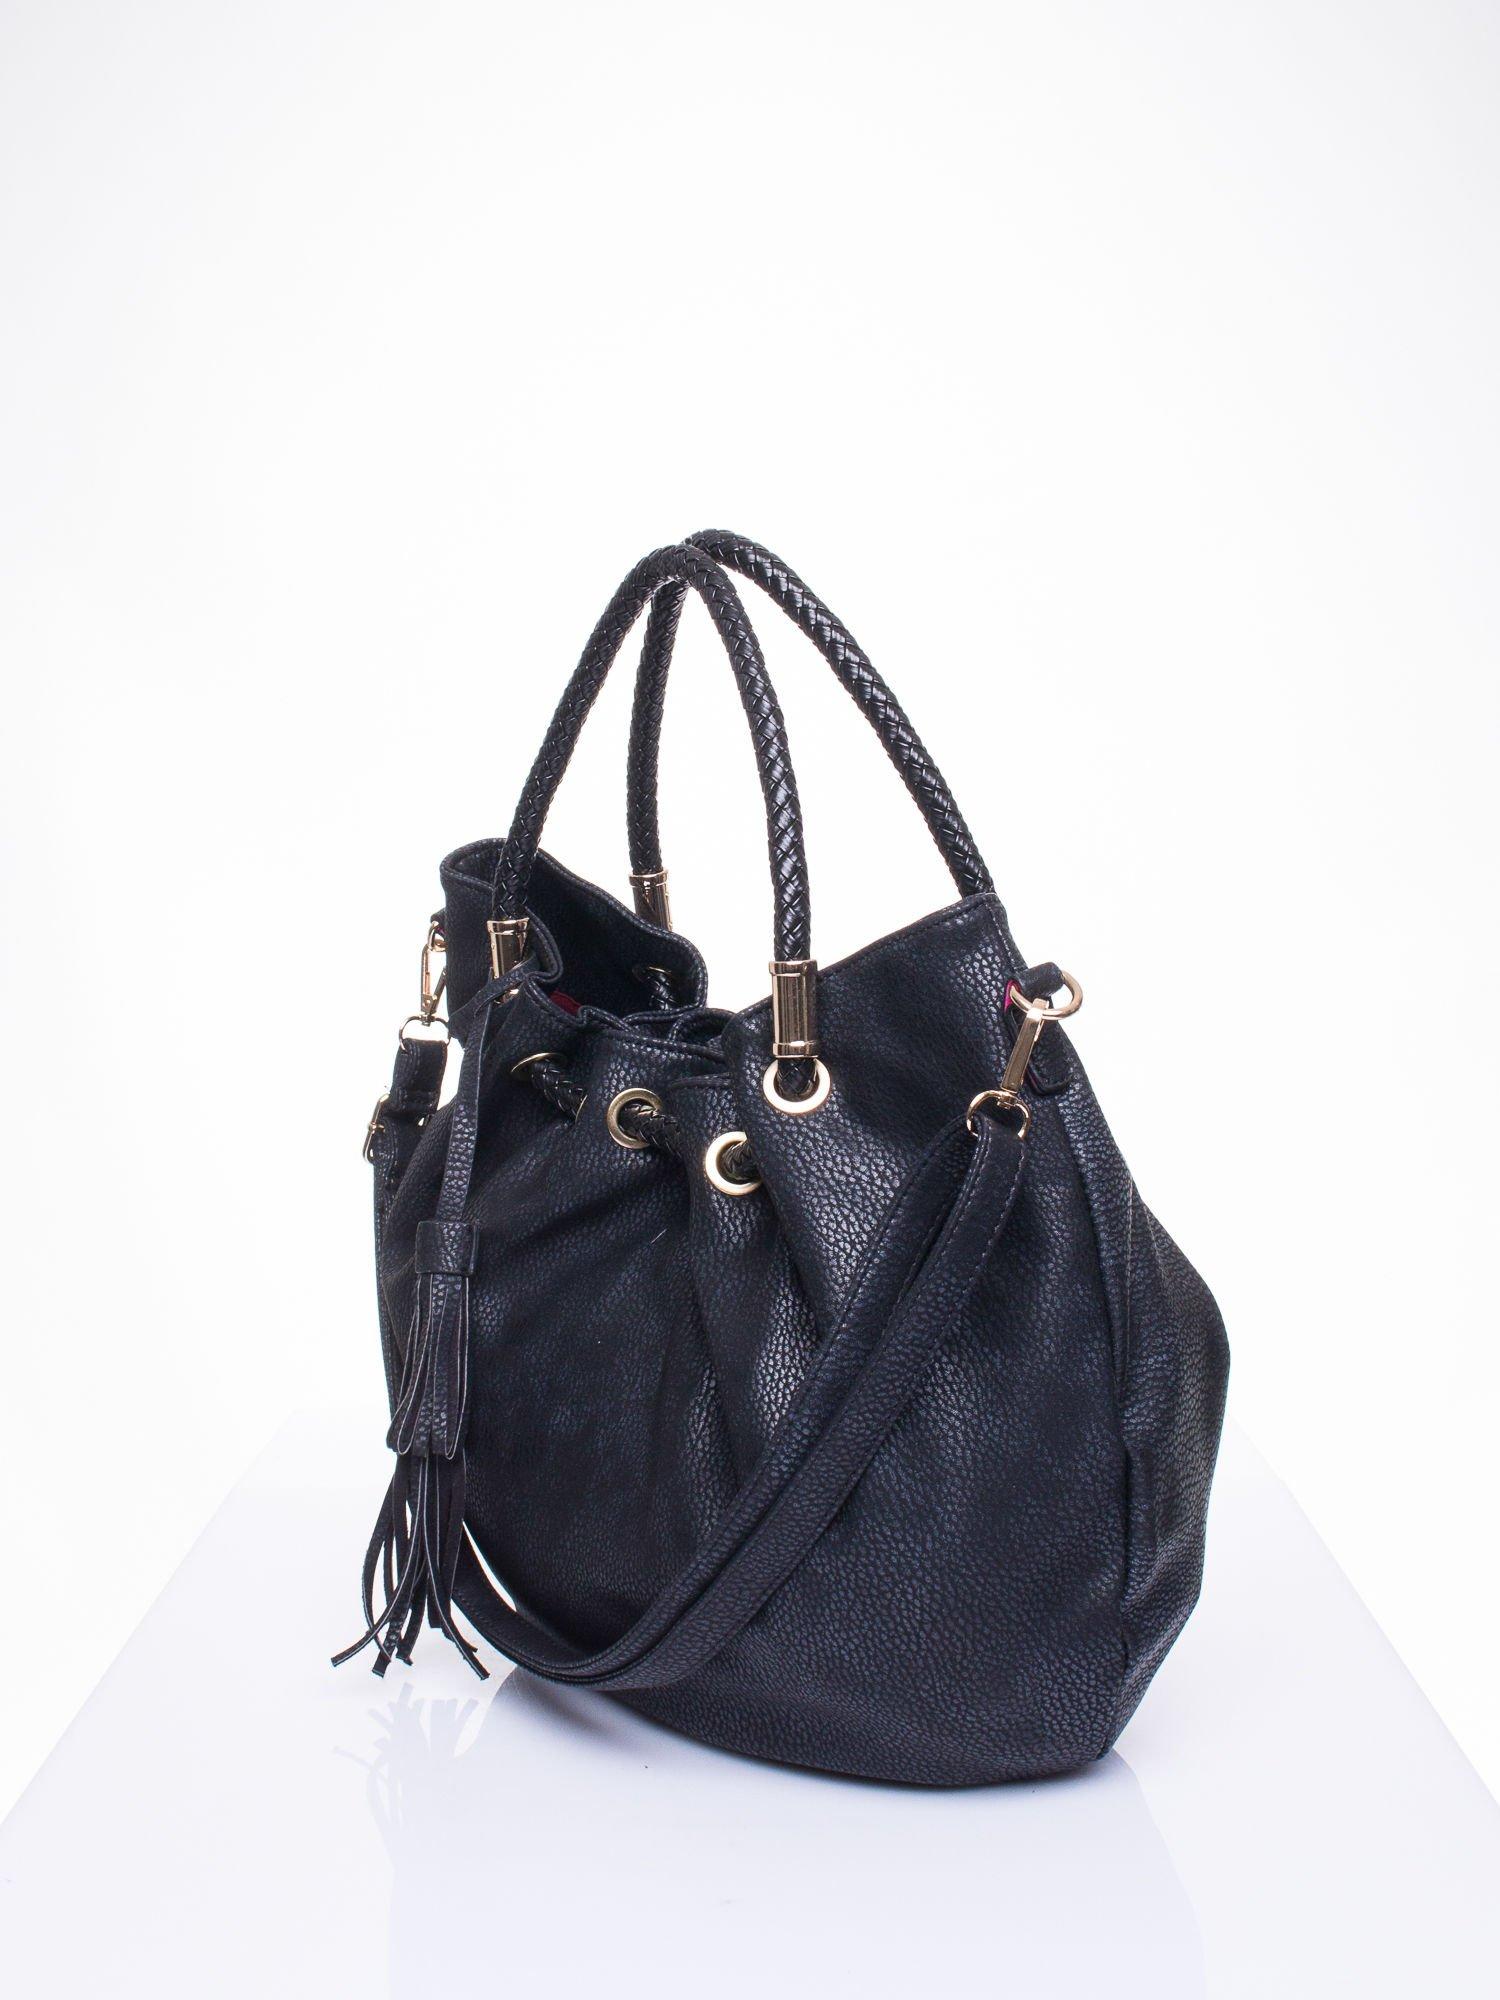 Czarna torebka z plecionymi uchwytami i frędzlami                                  zdj.                                  2